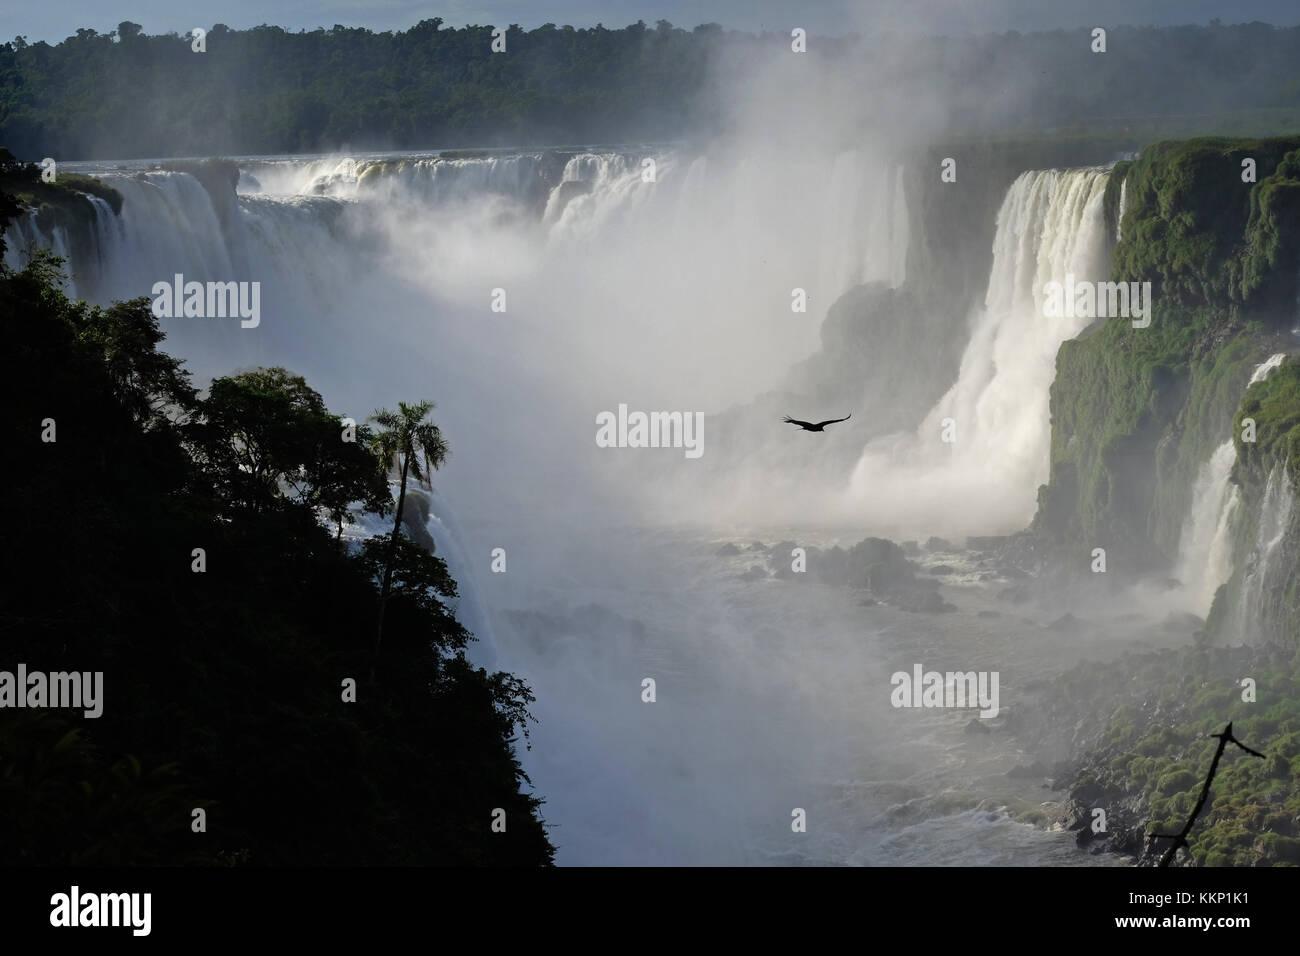 Bird flying in the Devil's Throat, Iguassu Falls Brazil - Stock Image